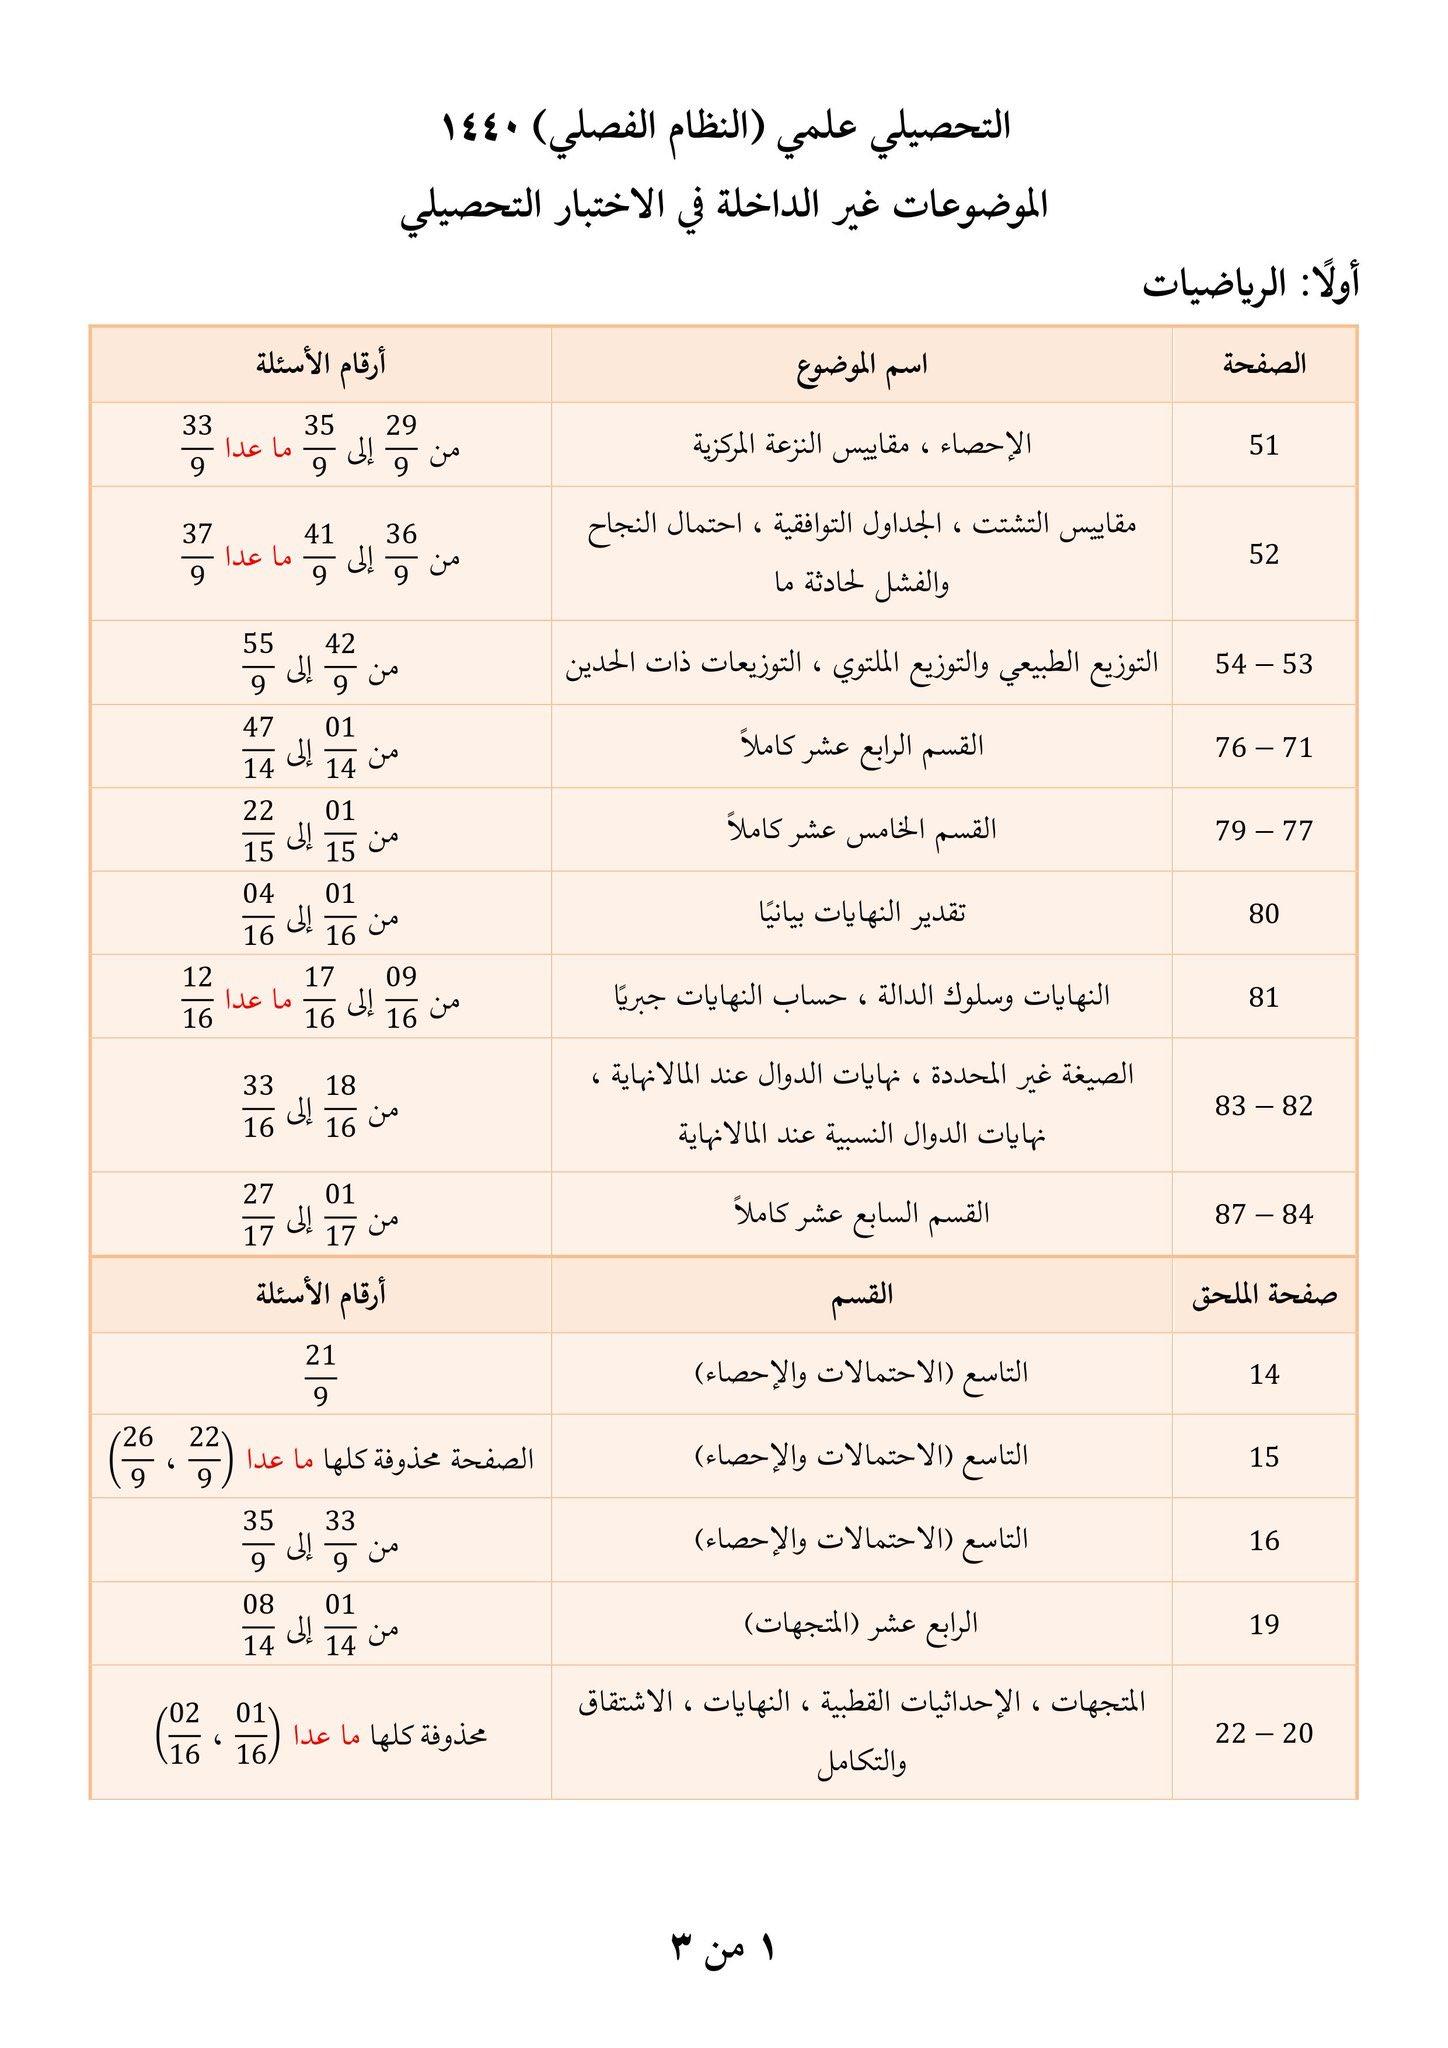 منارة قدرات ثانوي En Twitter المواضيع المحذوفه من اختبار التحصيلي في كتاب ناصر عبدالكريم لنسخه ١٤٤٠ ٢٠١٩